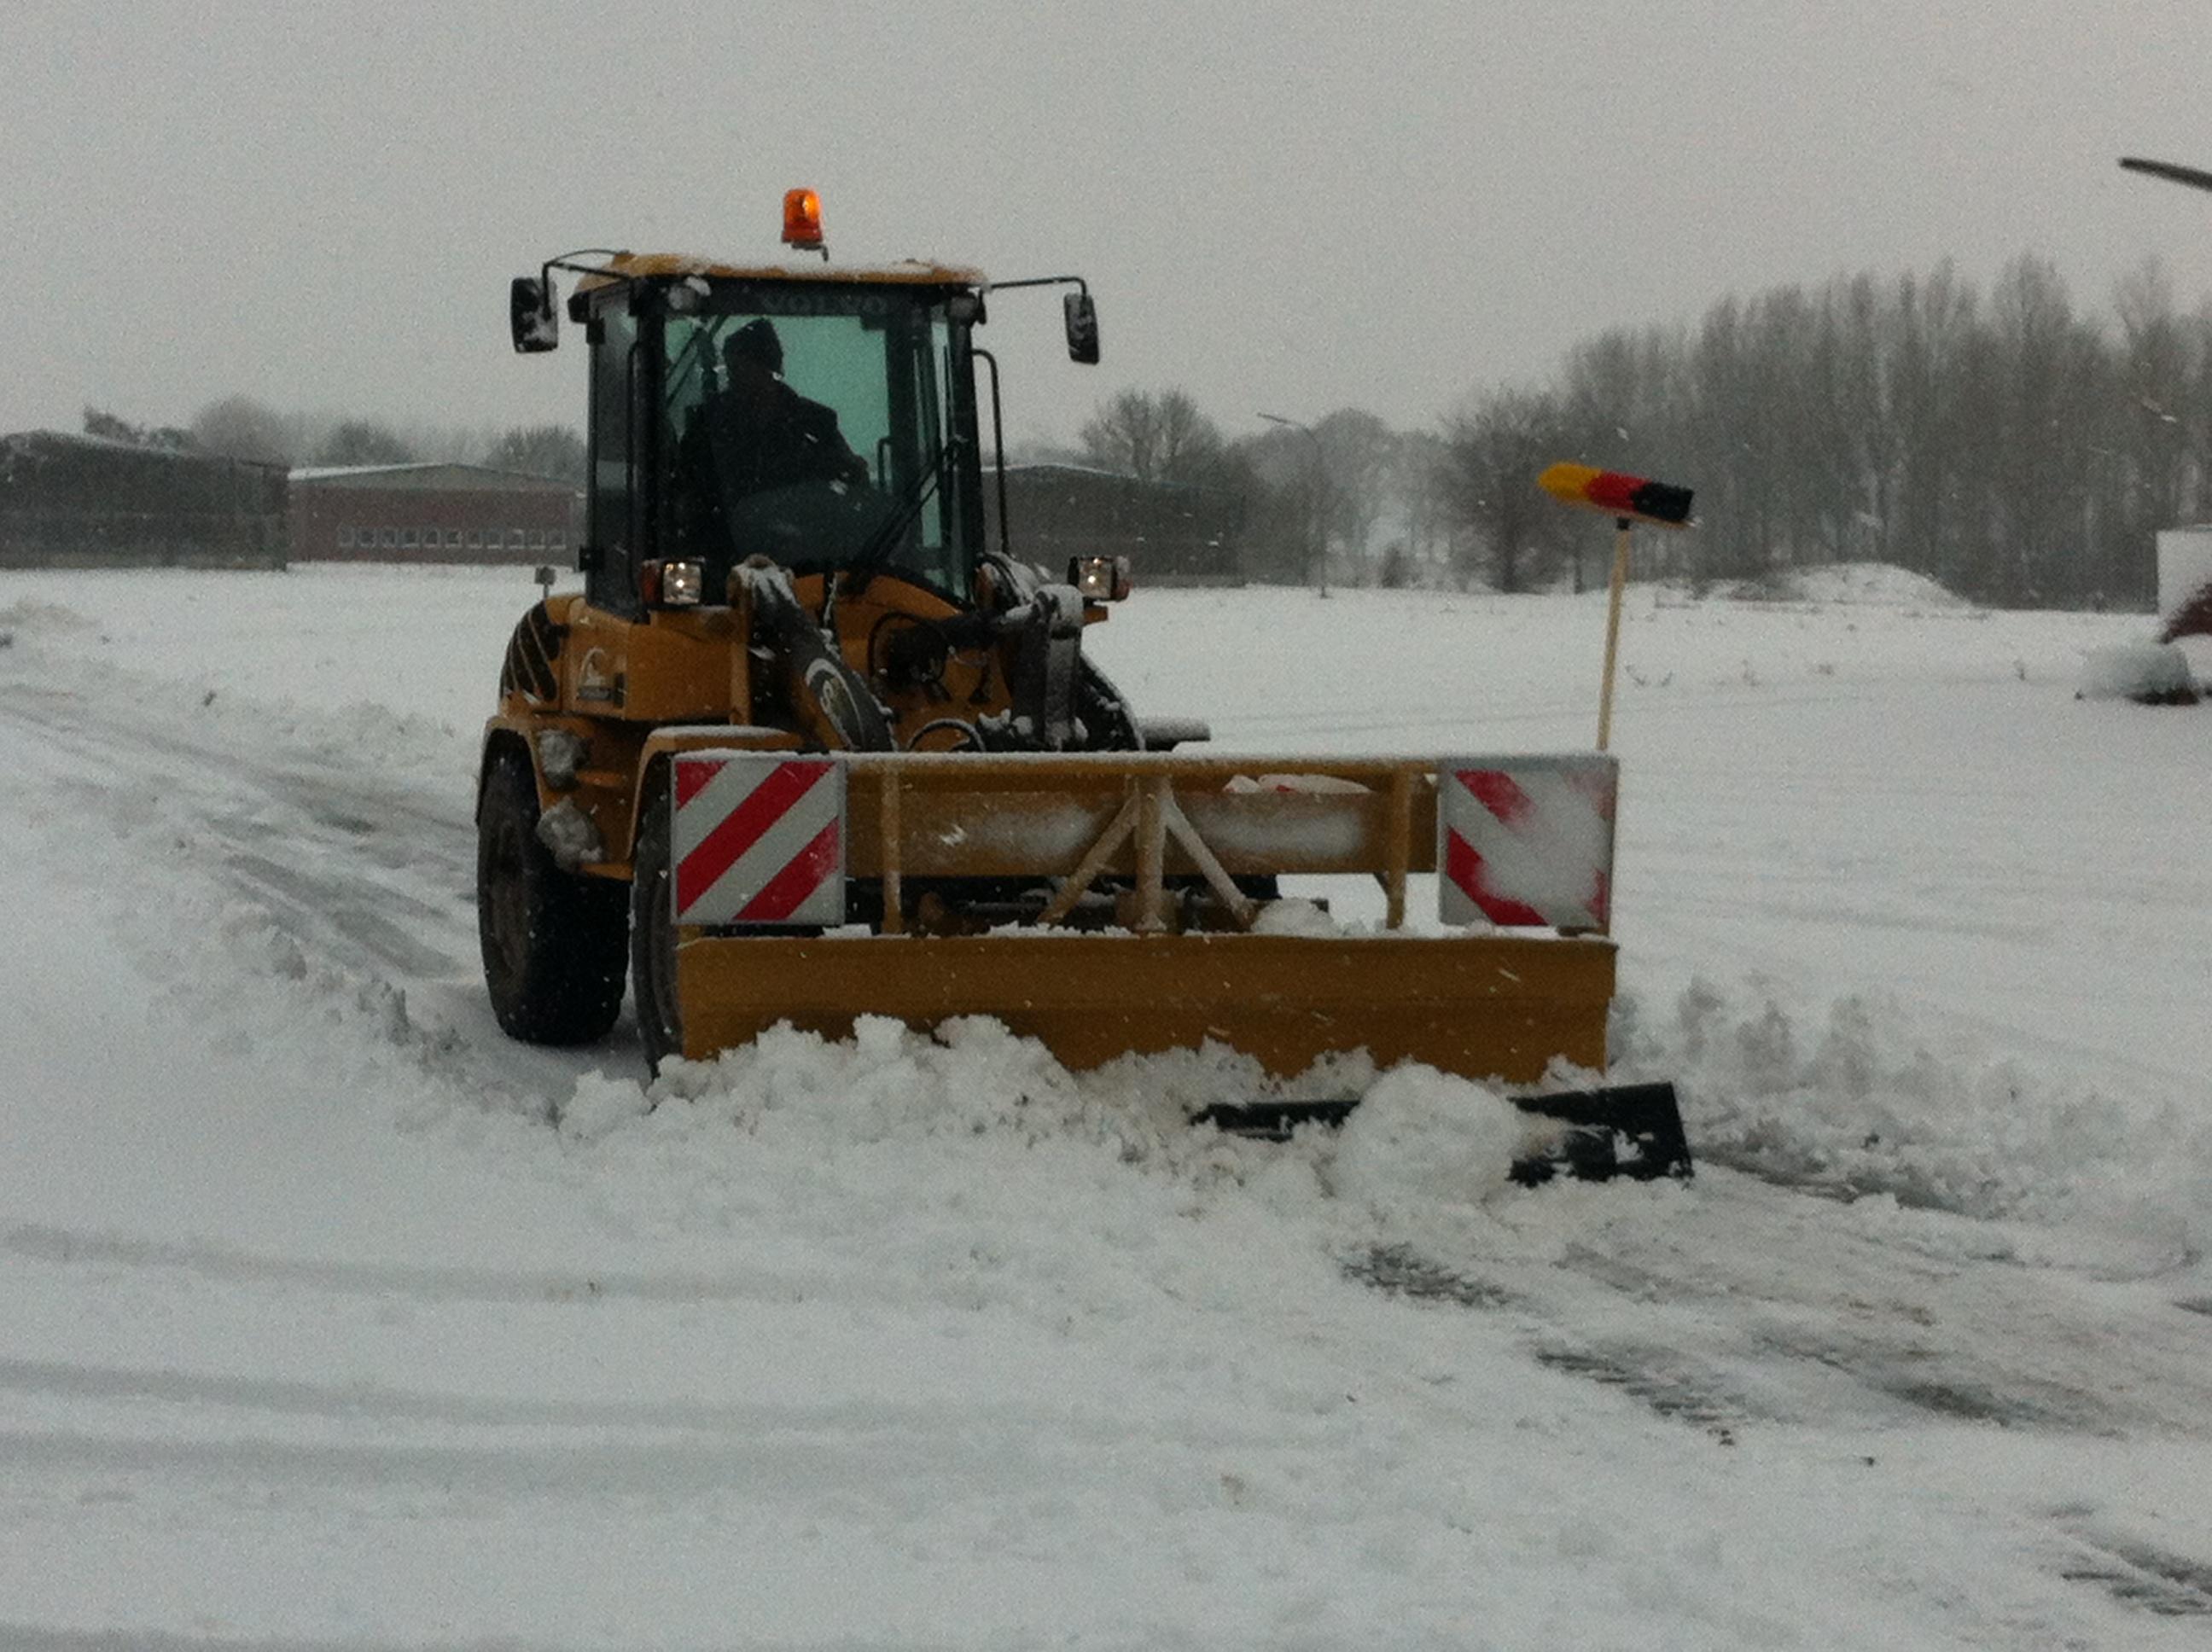 Dezember 2012: Winterdienst